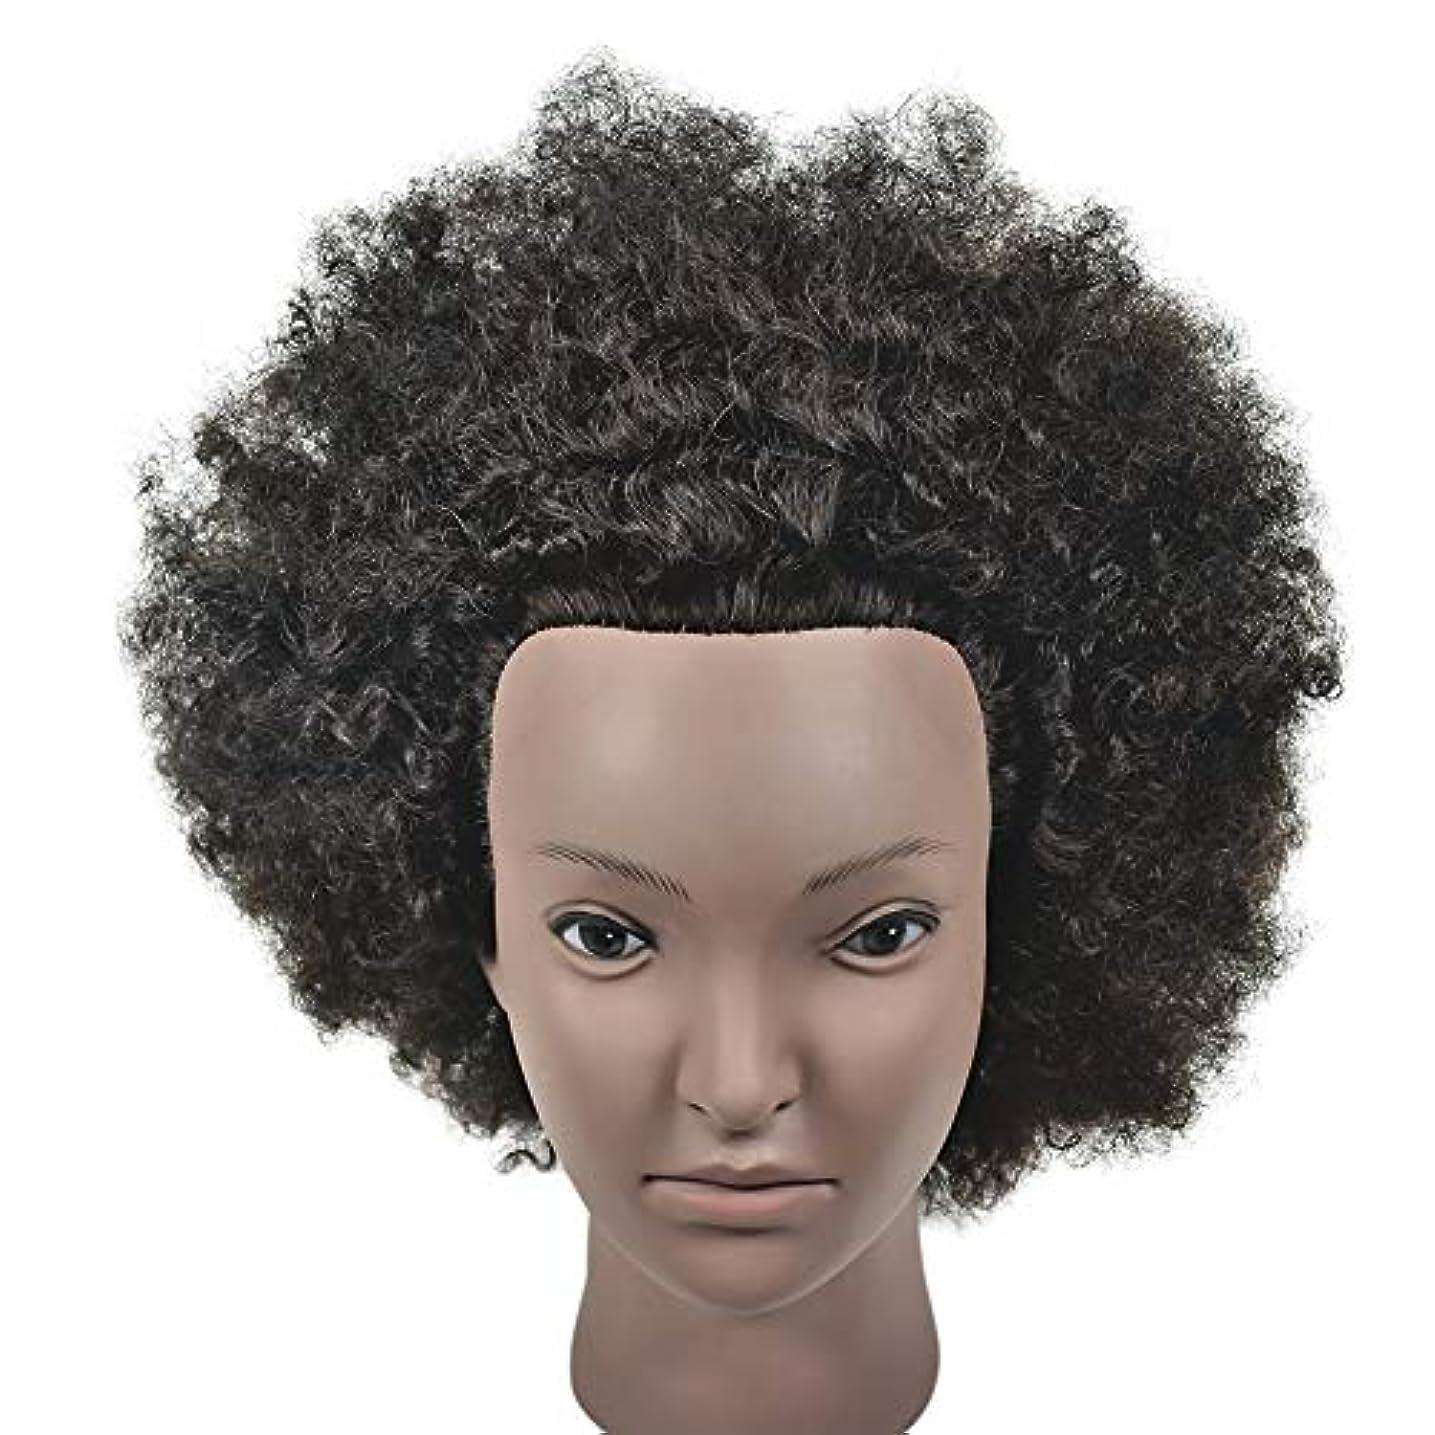 投げる頑固な偶然の理髪店トリミングヘアエクササイズヘッドモールドメイクモデリング学習マネキンダミー爆発ヘッドブラック